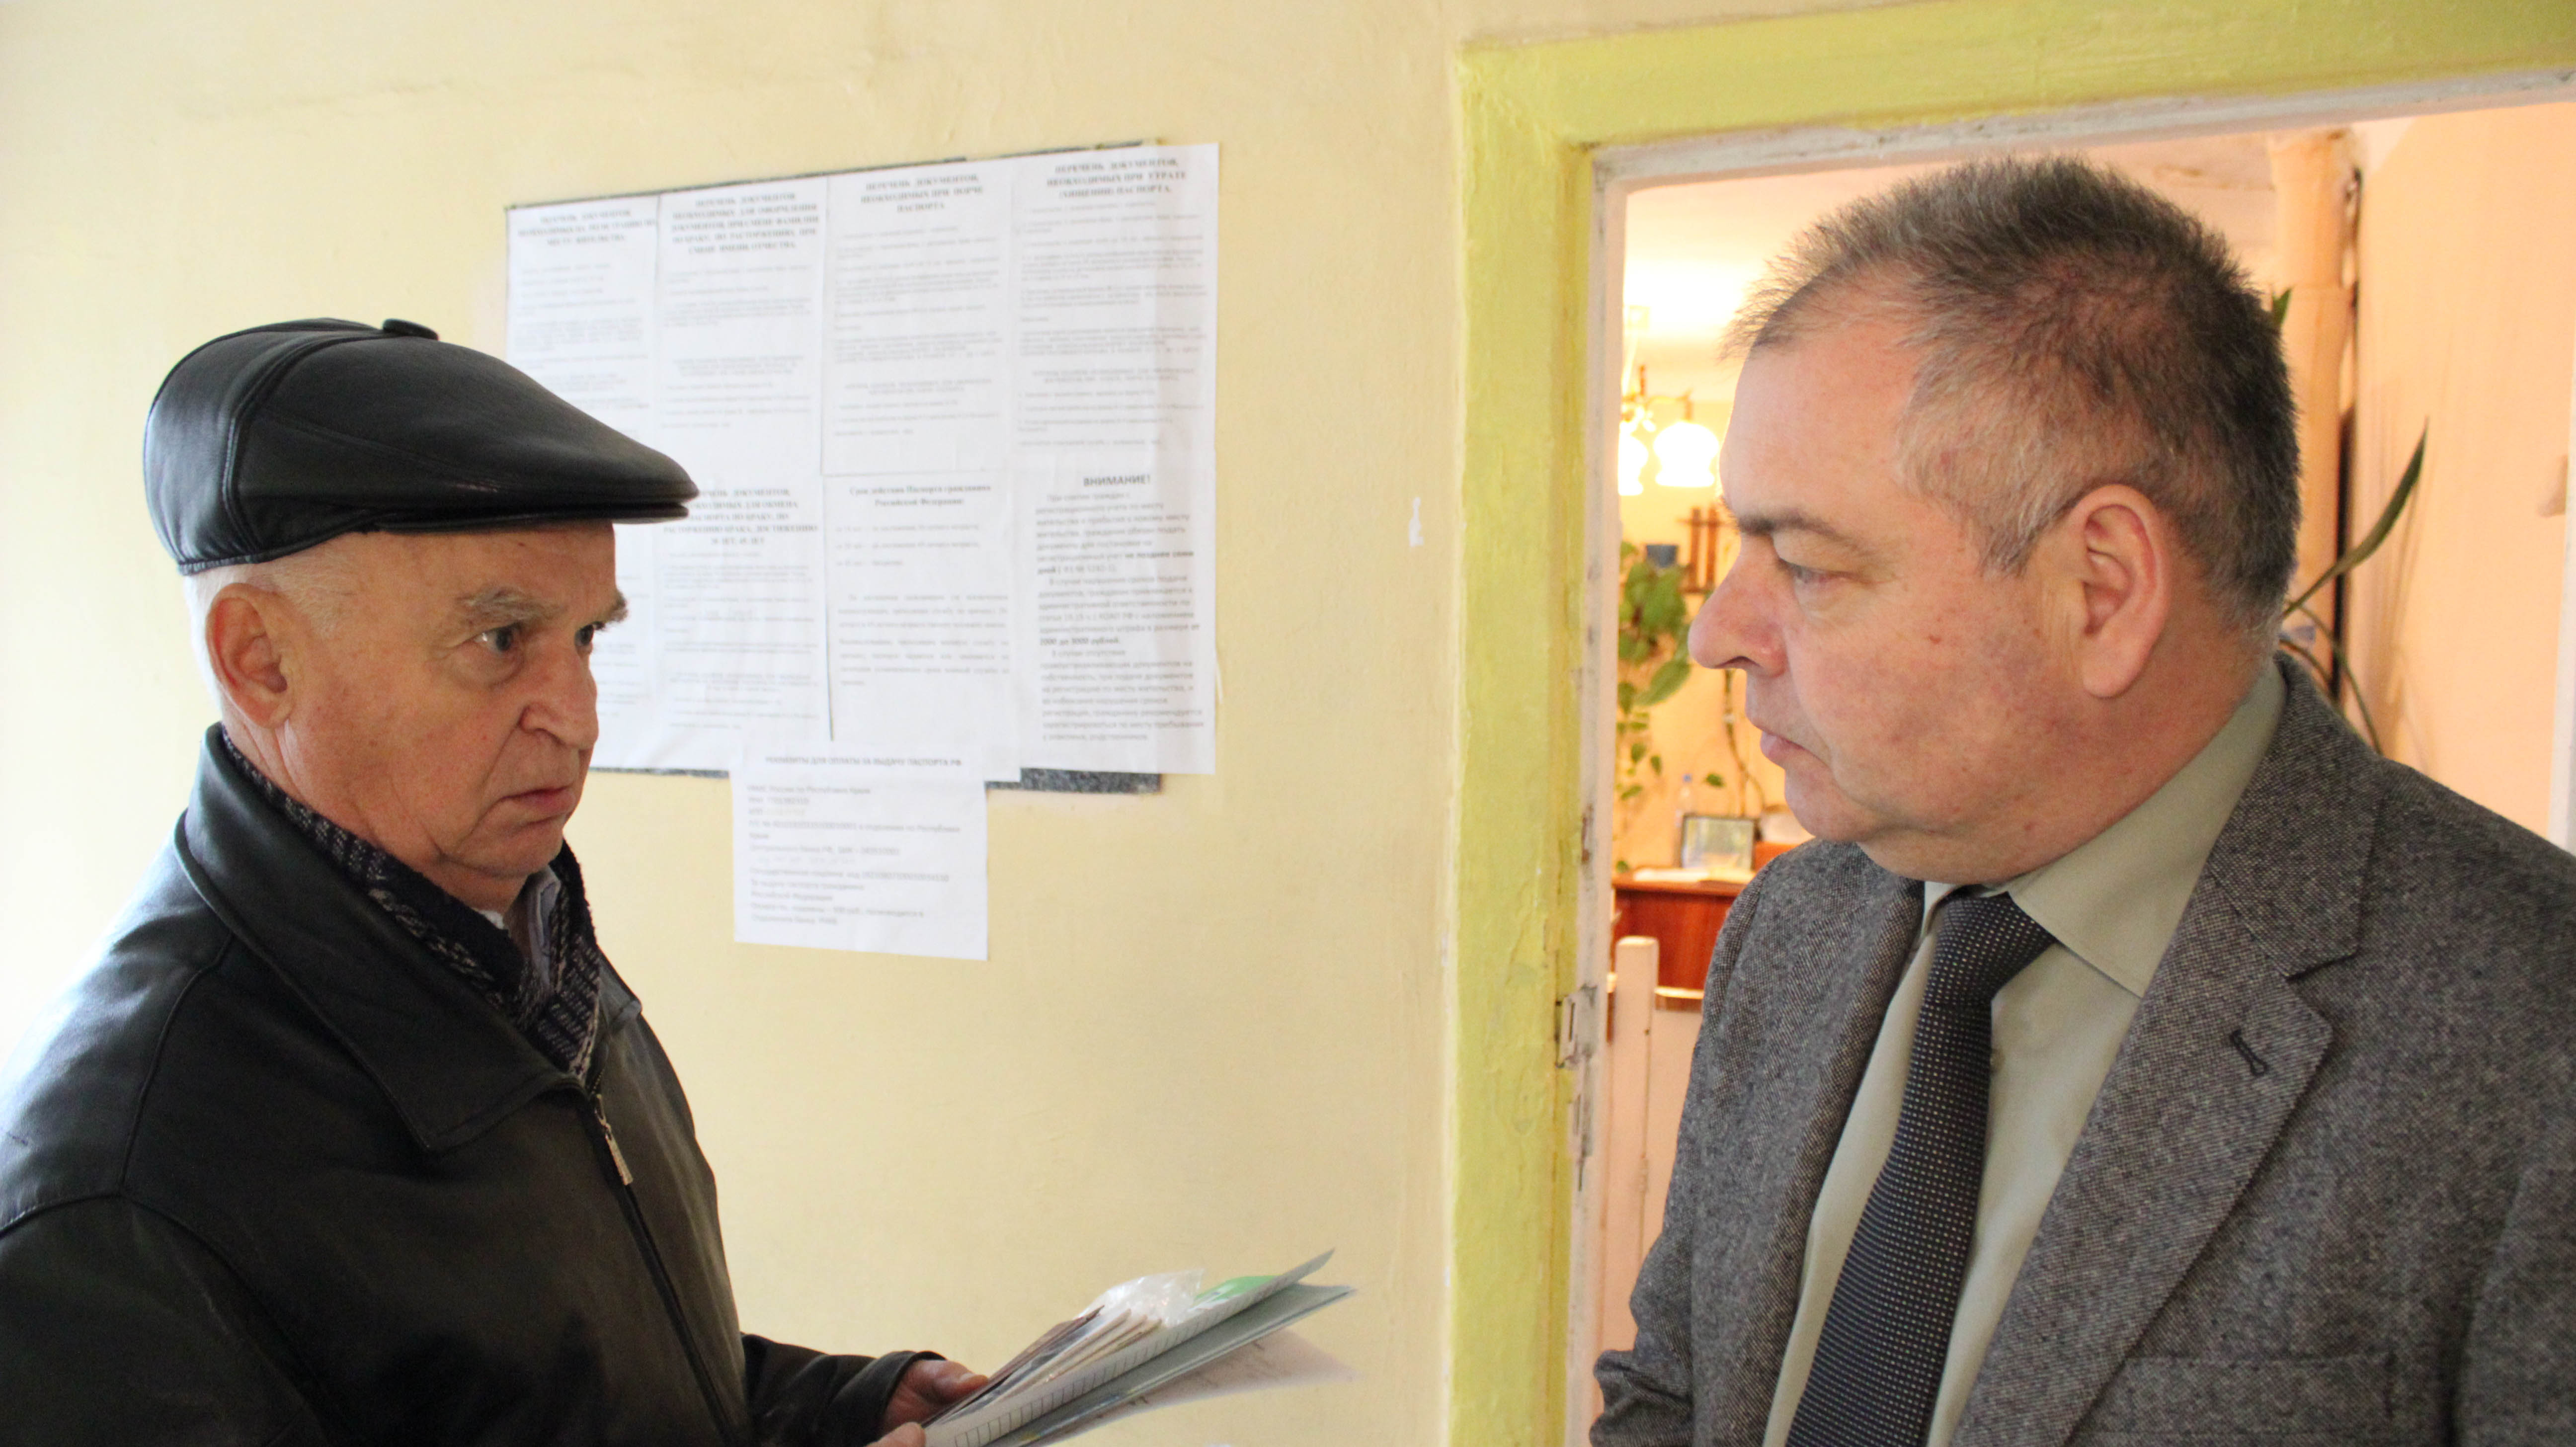 Глава администрации г. Керчи Сергей Писарев совершил рейд по городским ЖЭКам (ВИДЕО)